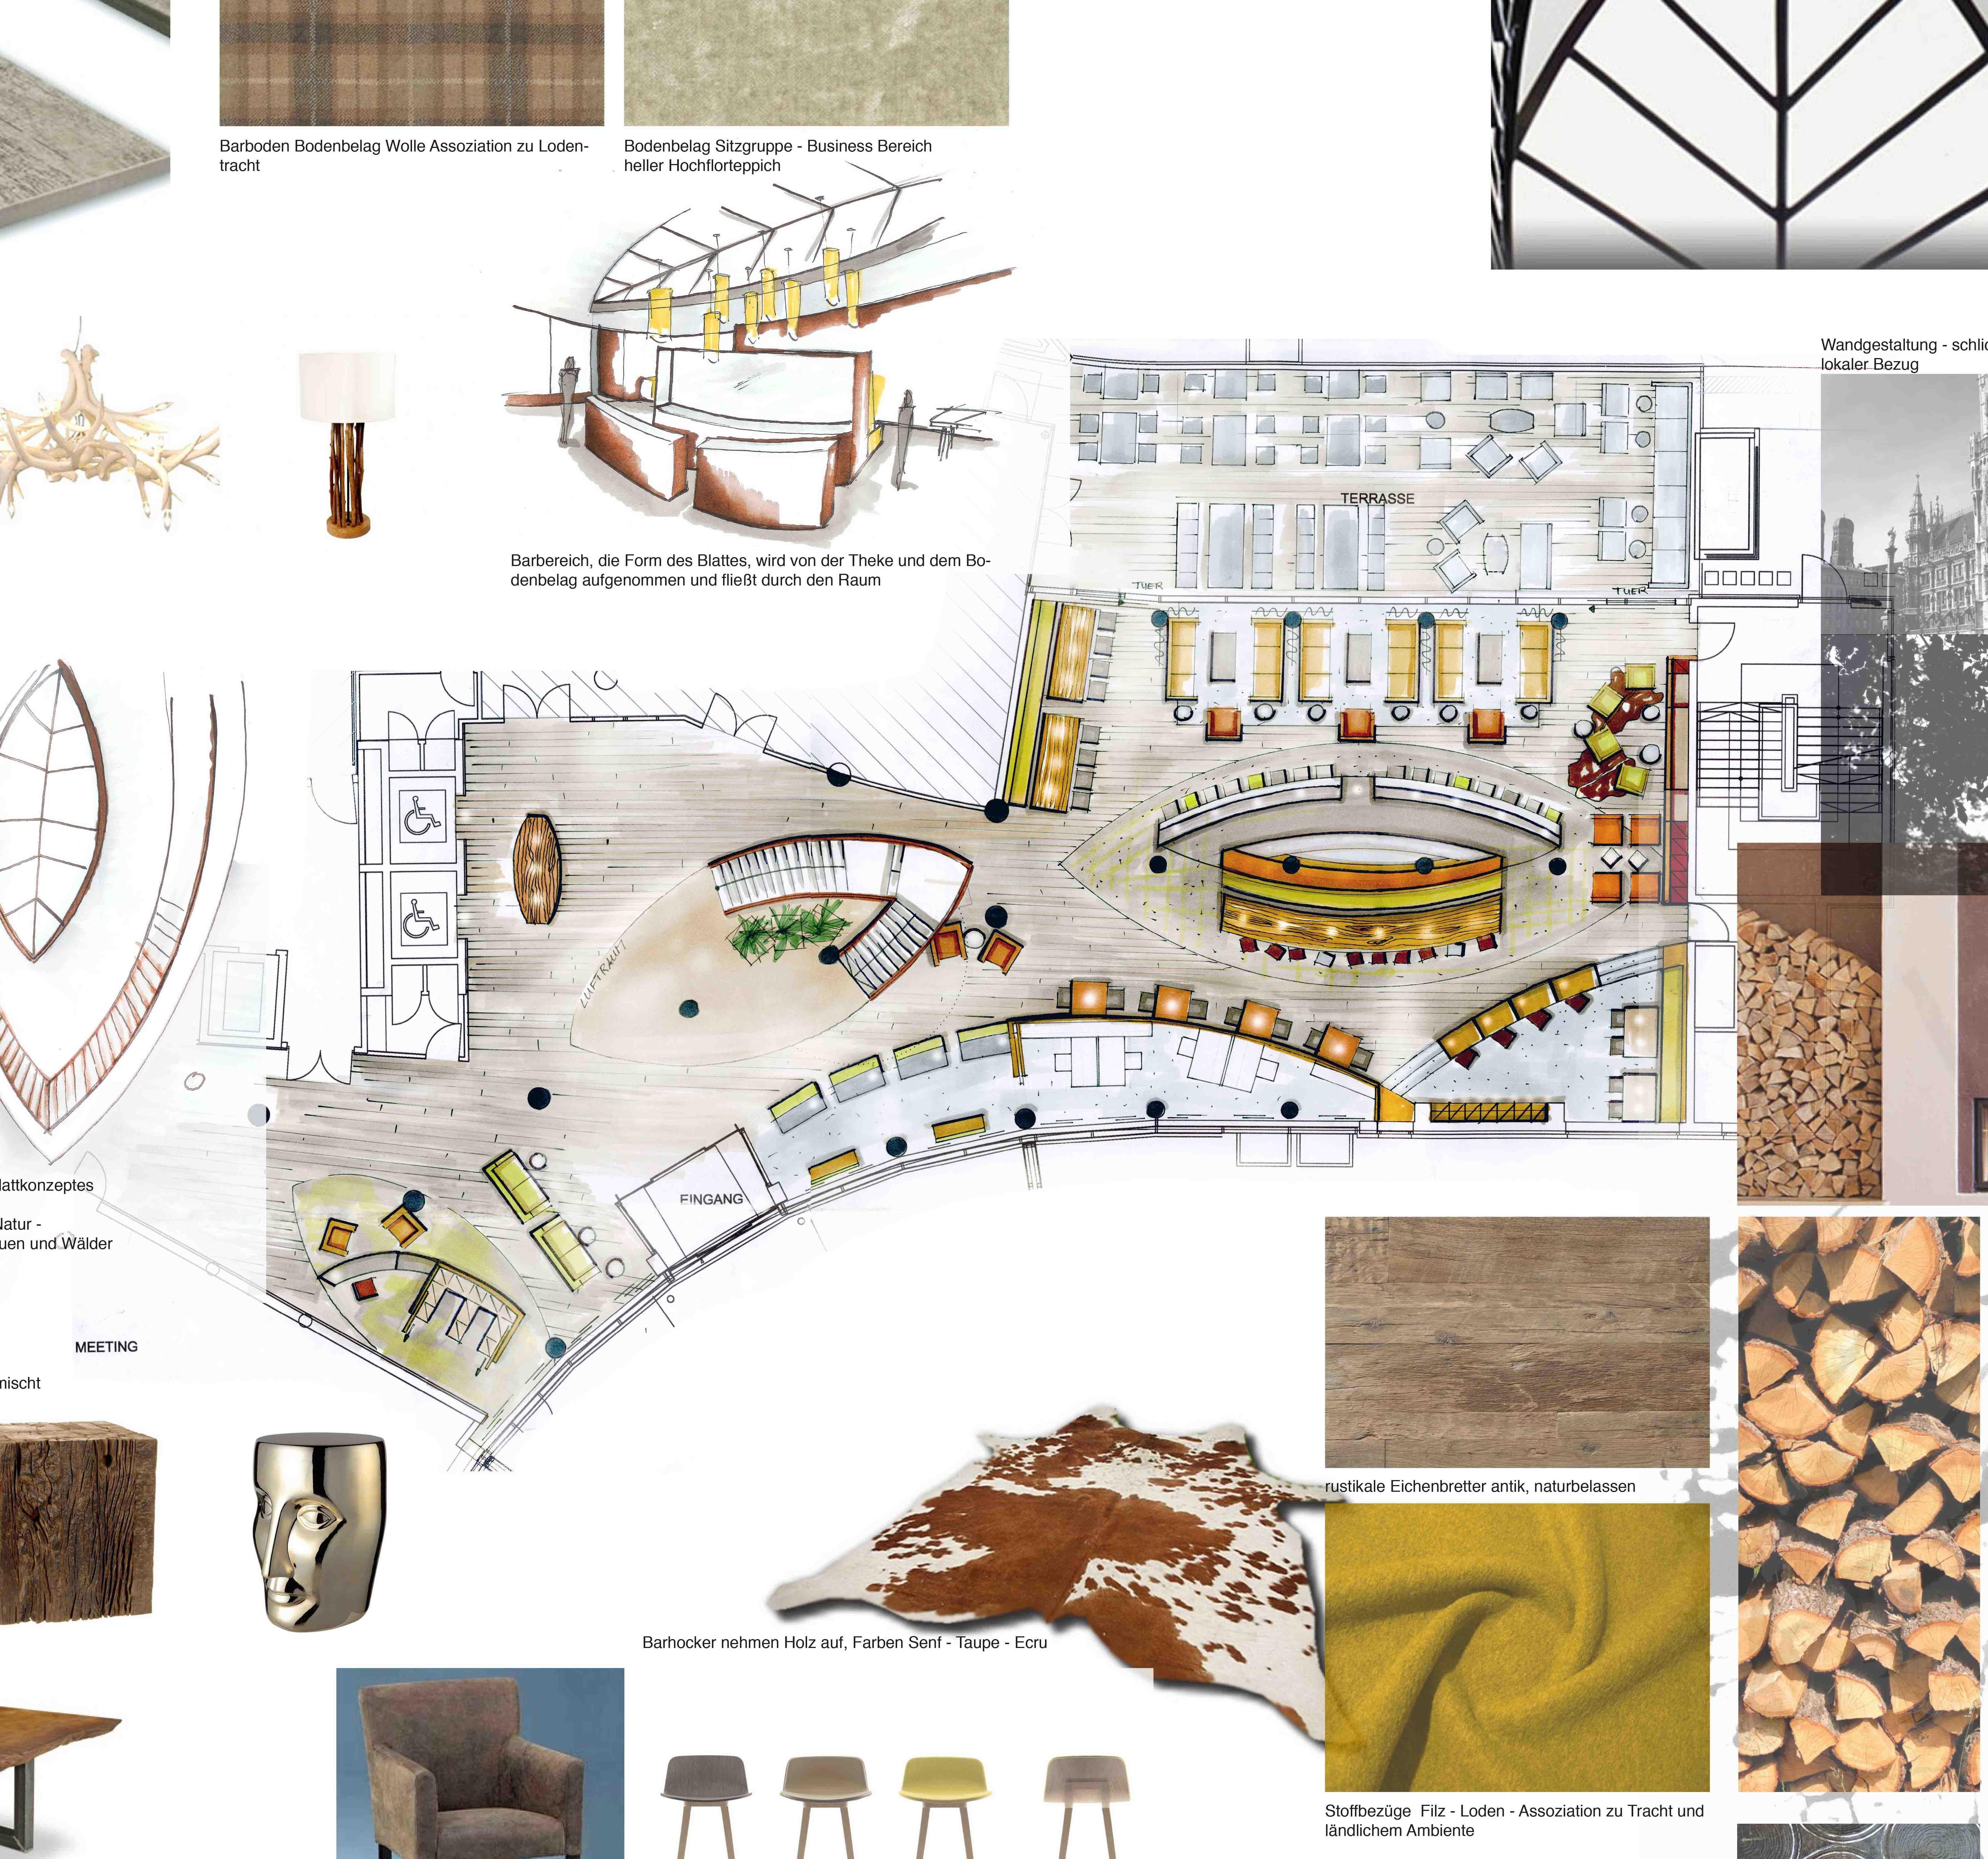 Hotel lobby furniture plan - Reimann Interior Hotel Lobby Design Interior Sketches